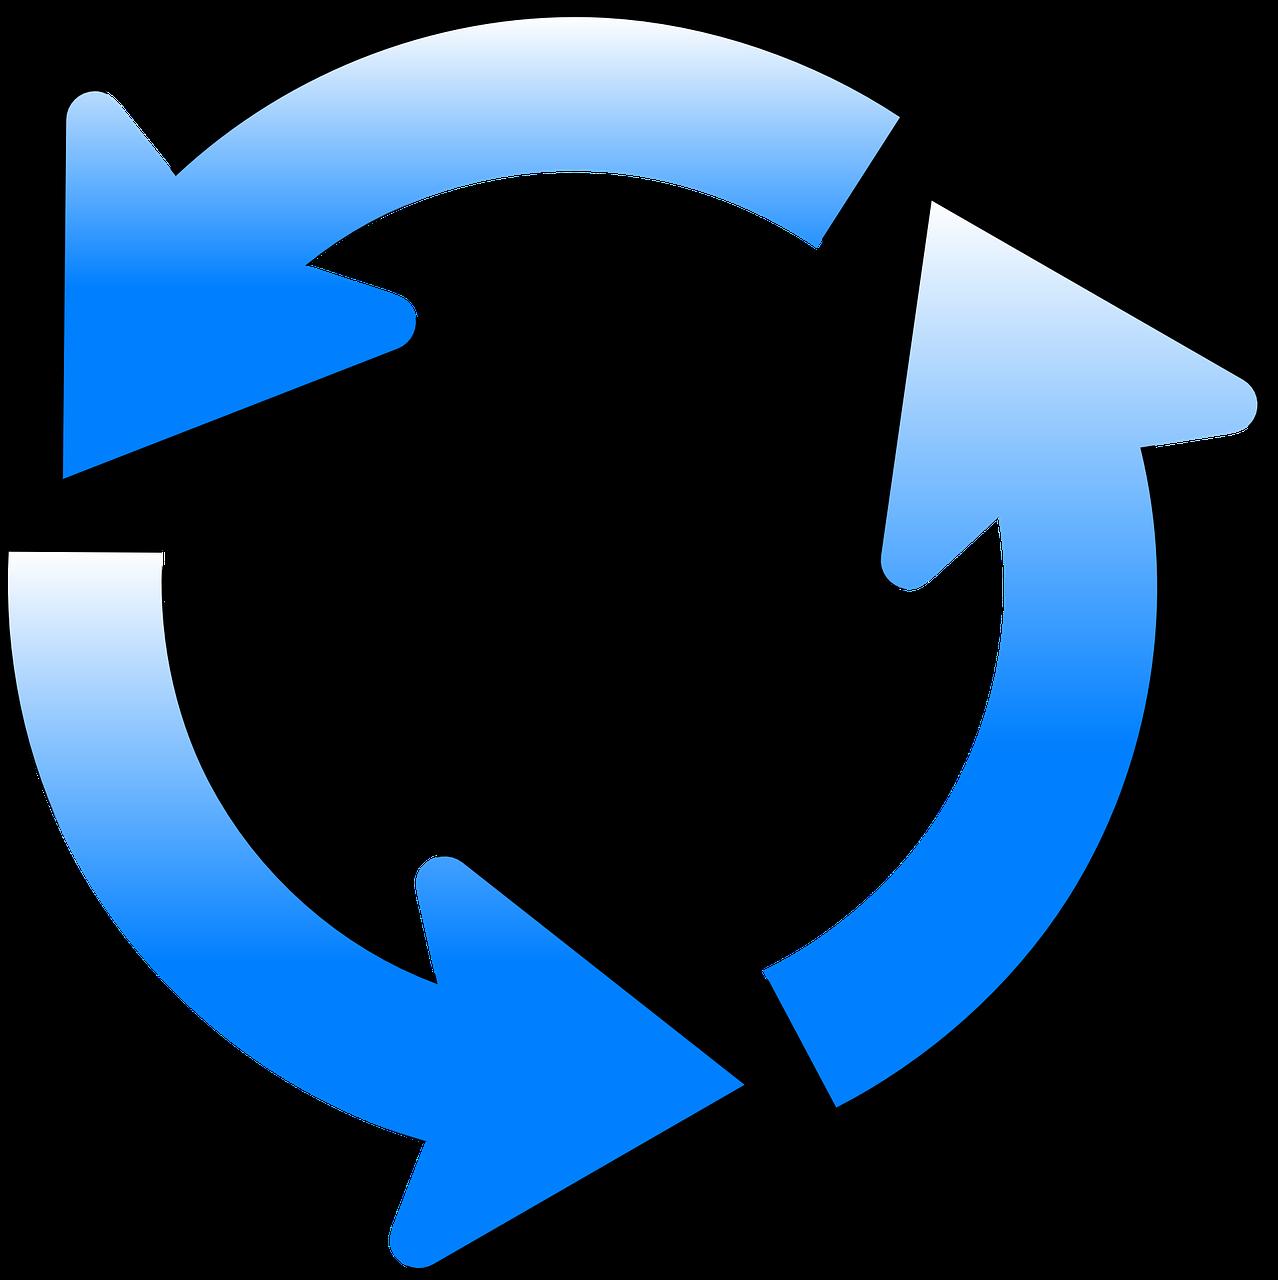 Как сделать круги вокруг курсора